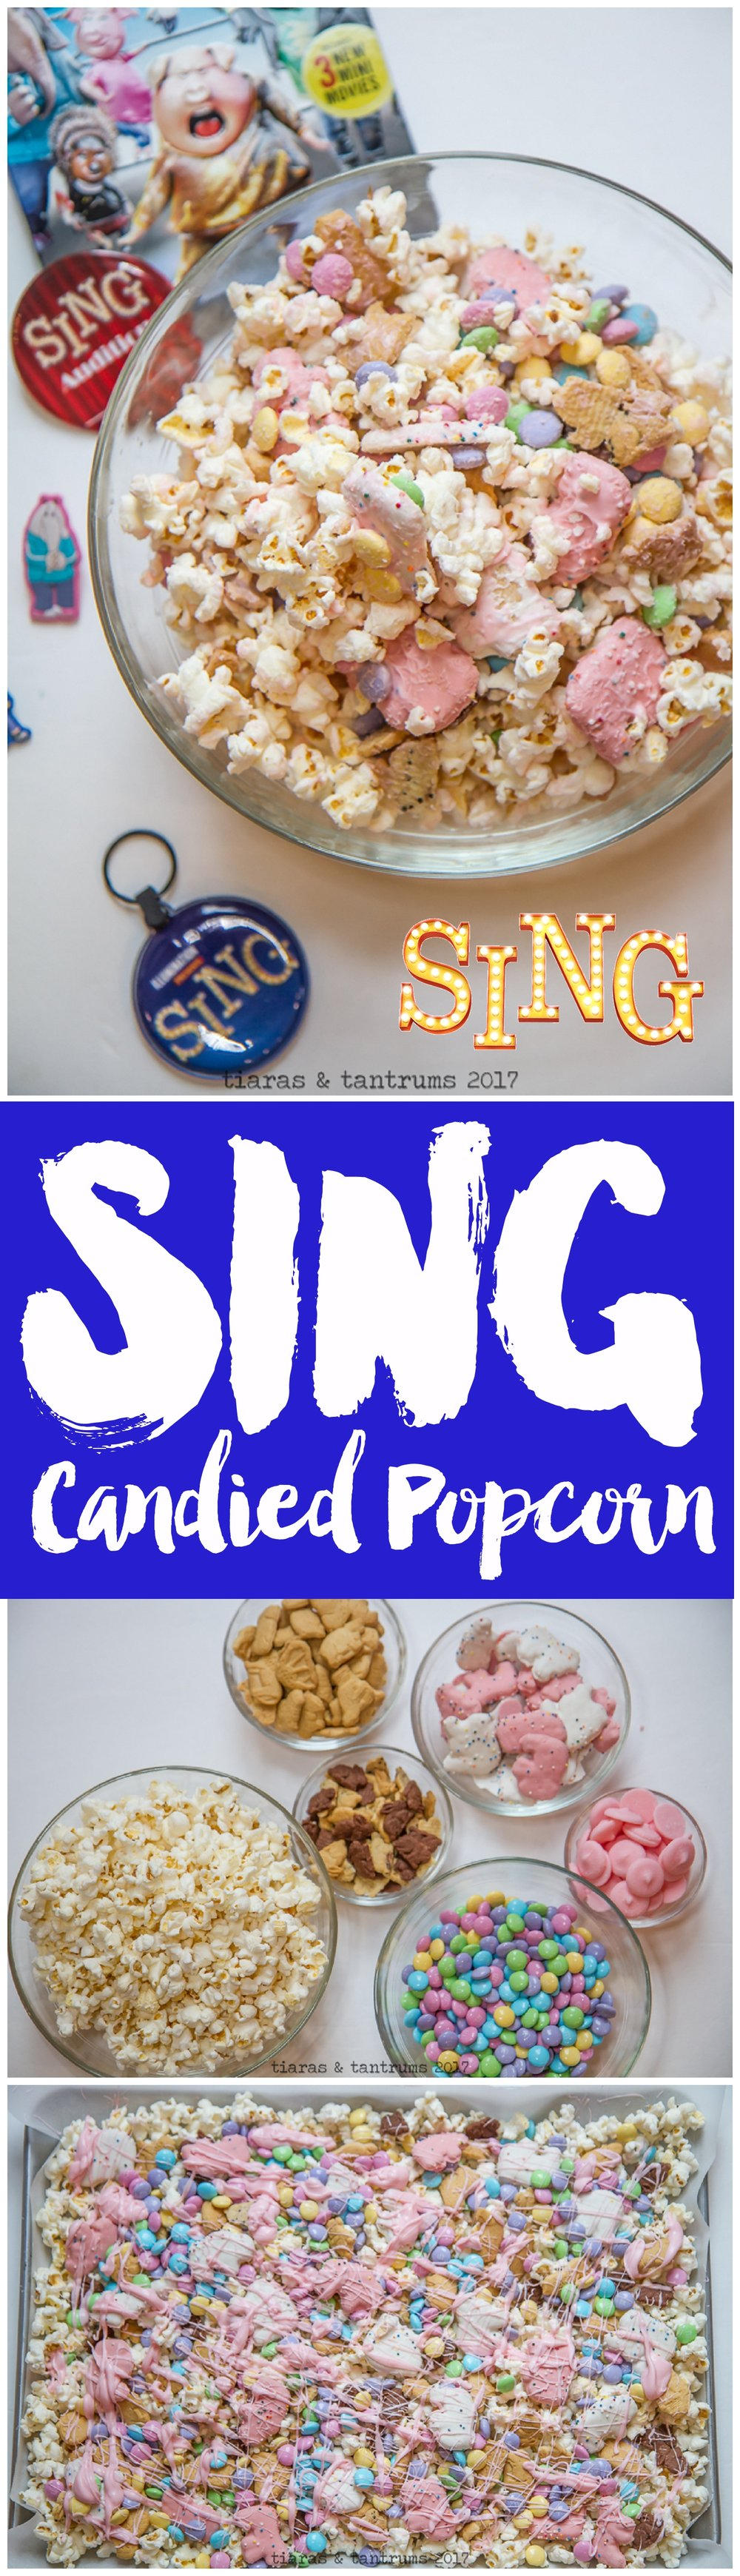 SING Candied Popcorn Tiaras & Tantrums